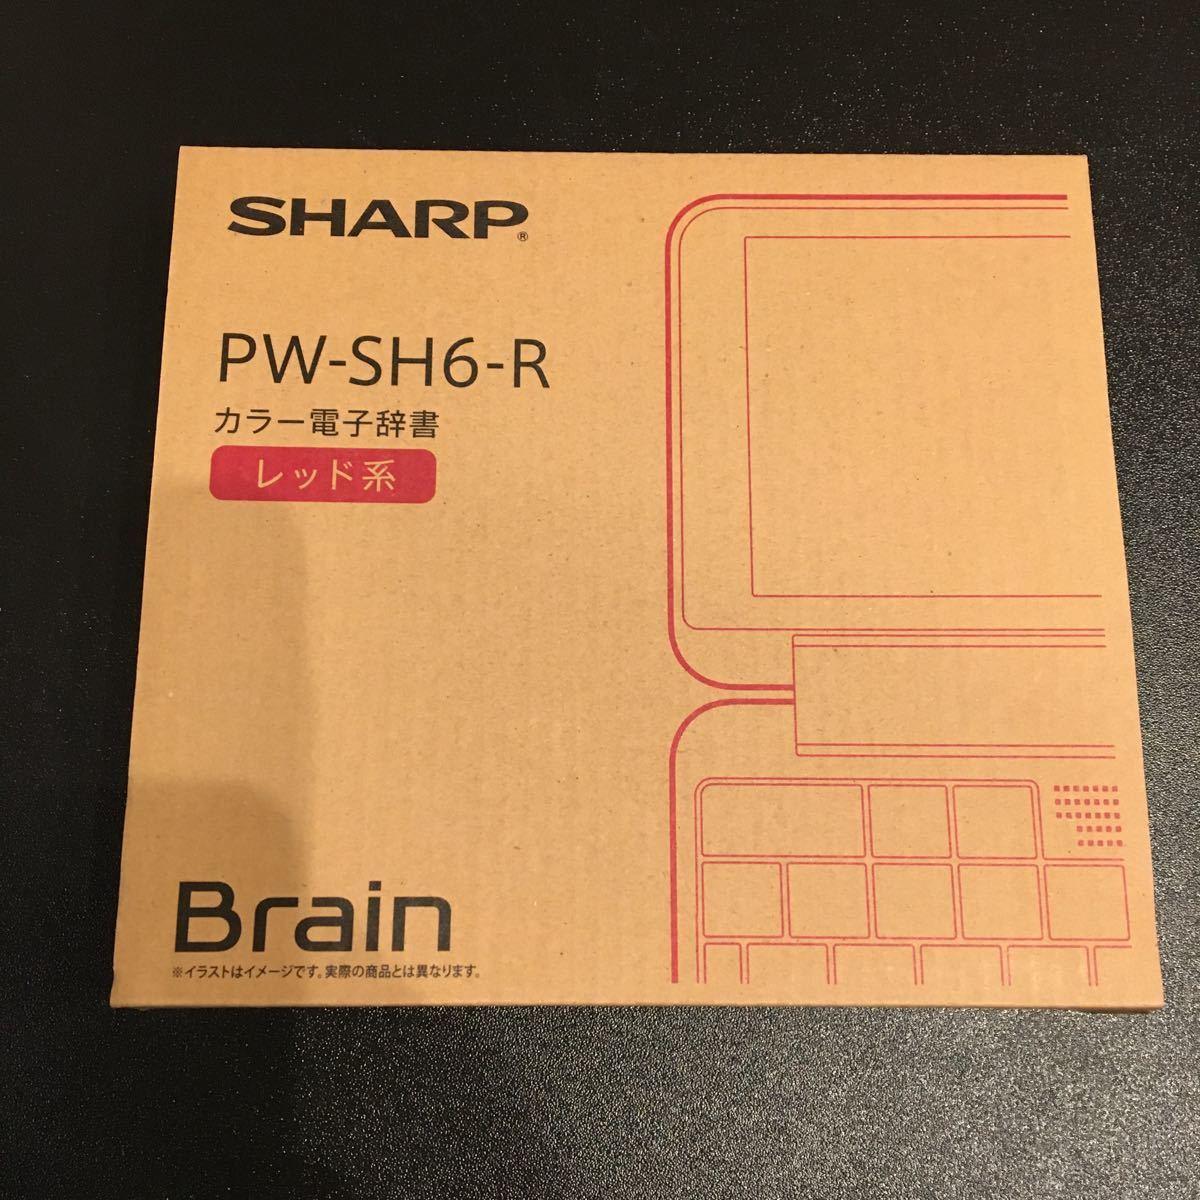 未使用 展示品 シャープ高校生モデル PW-SH6-R Brain 電子辞書_画像3